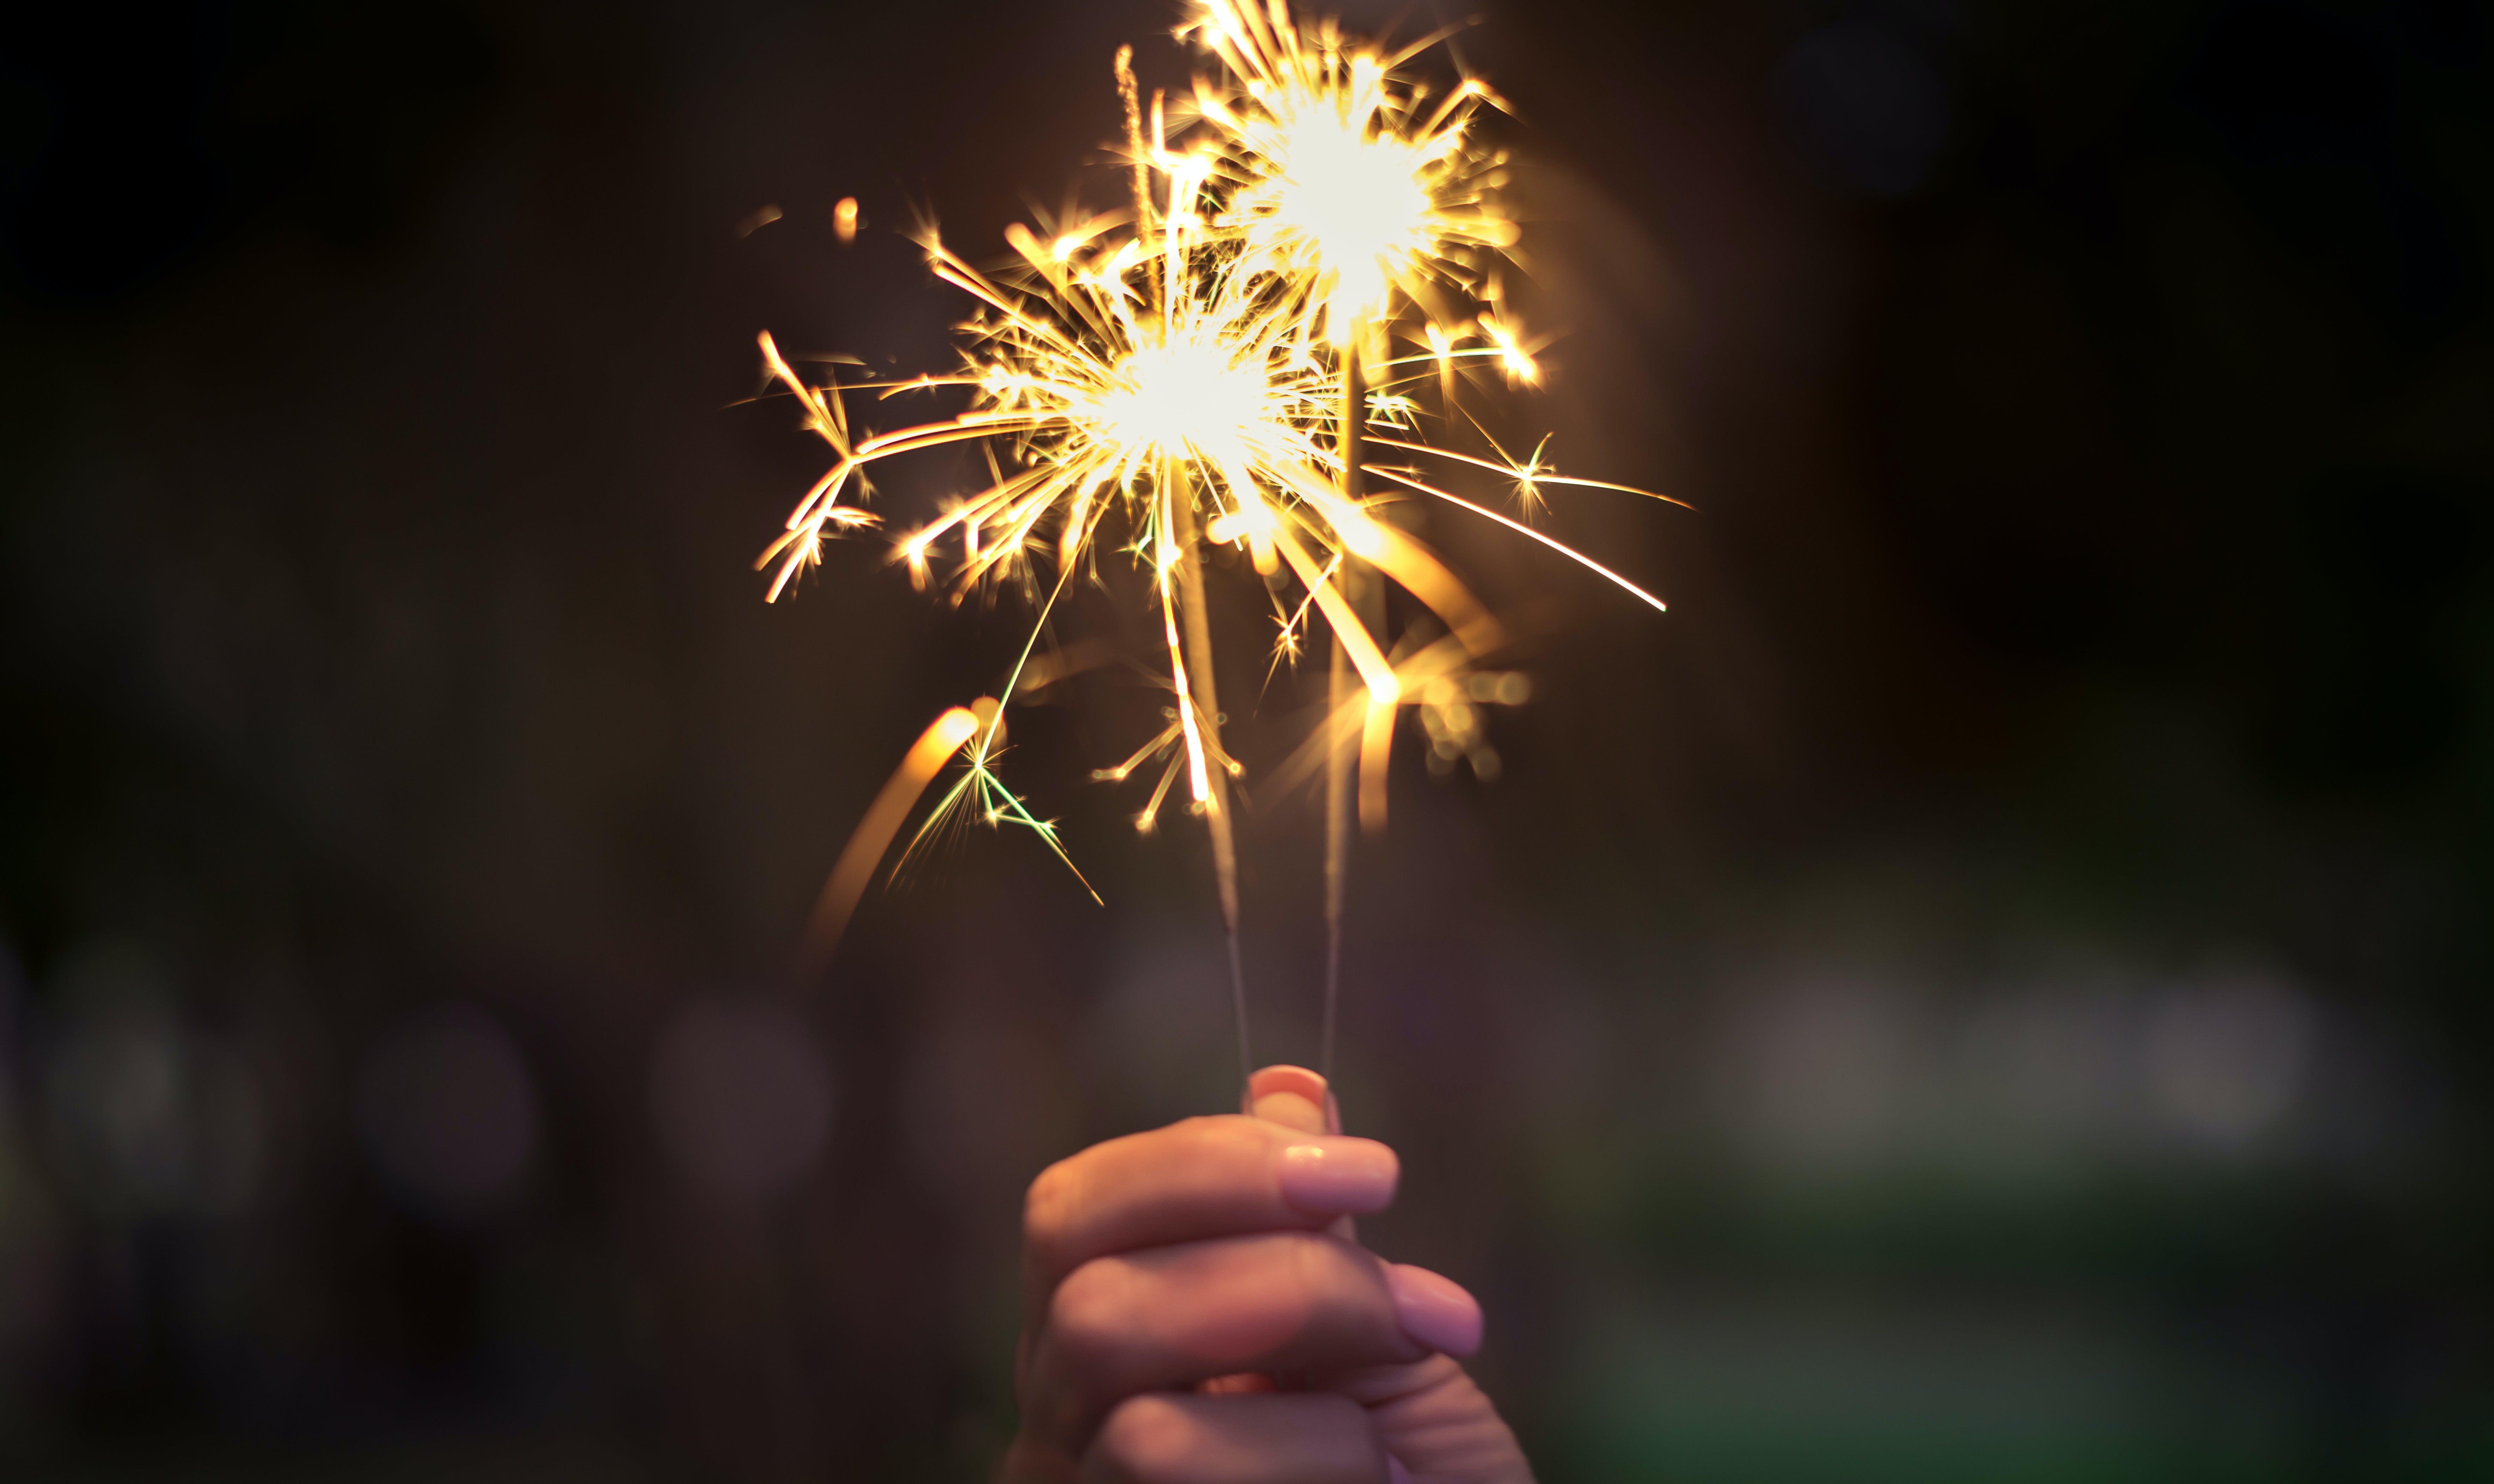 Kostenloses Stock Foto zu 4. juli, abend, beleuchtet, blitz